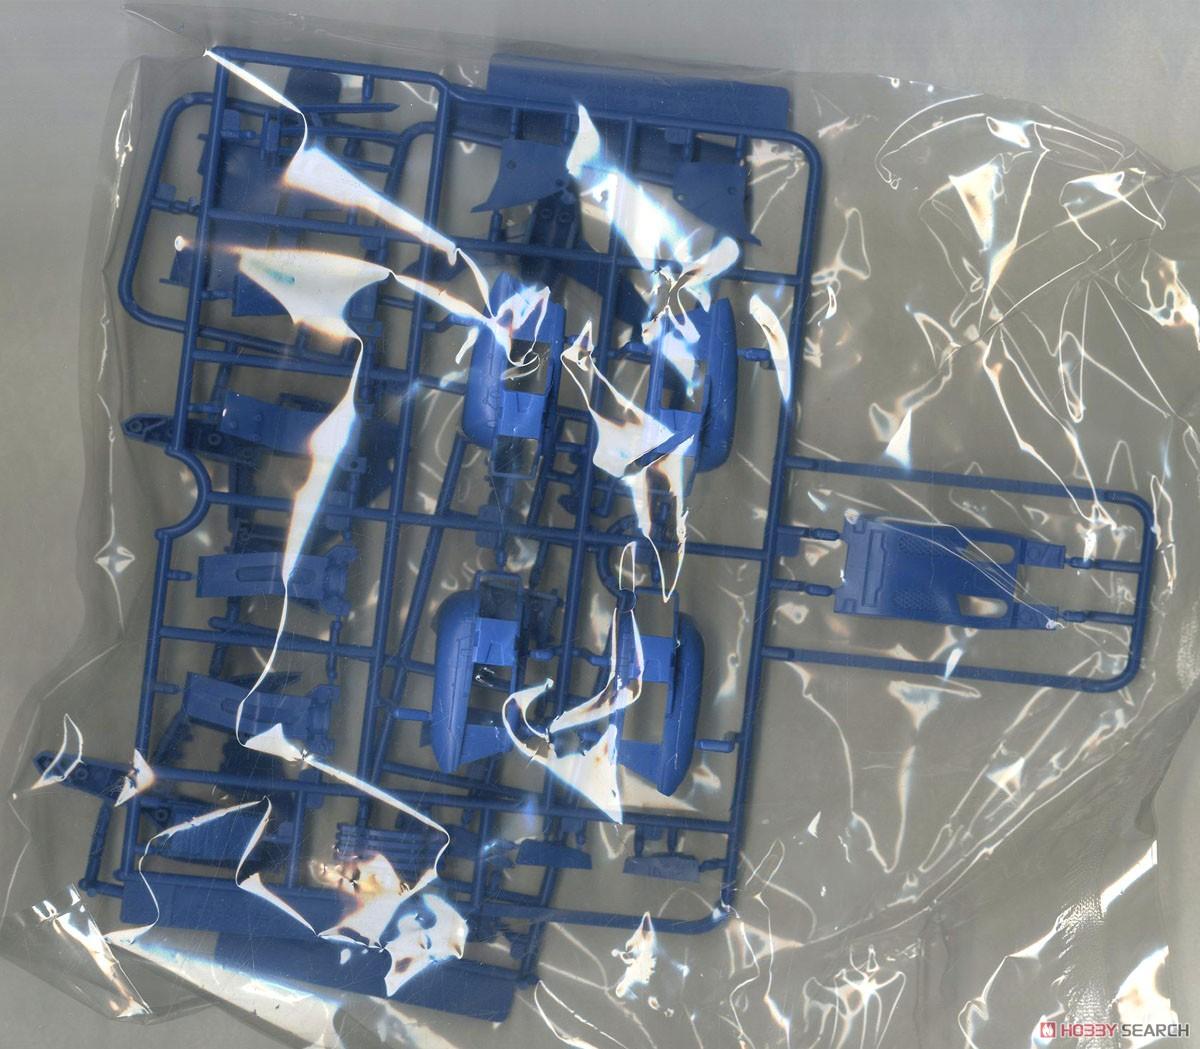 【再販】HMM『RZ-028 ブレードライガーAB』ゾイド 1/72 プラモデル-020